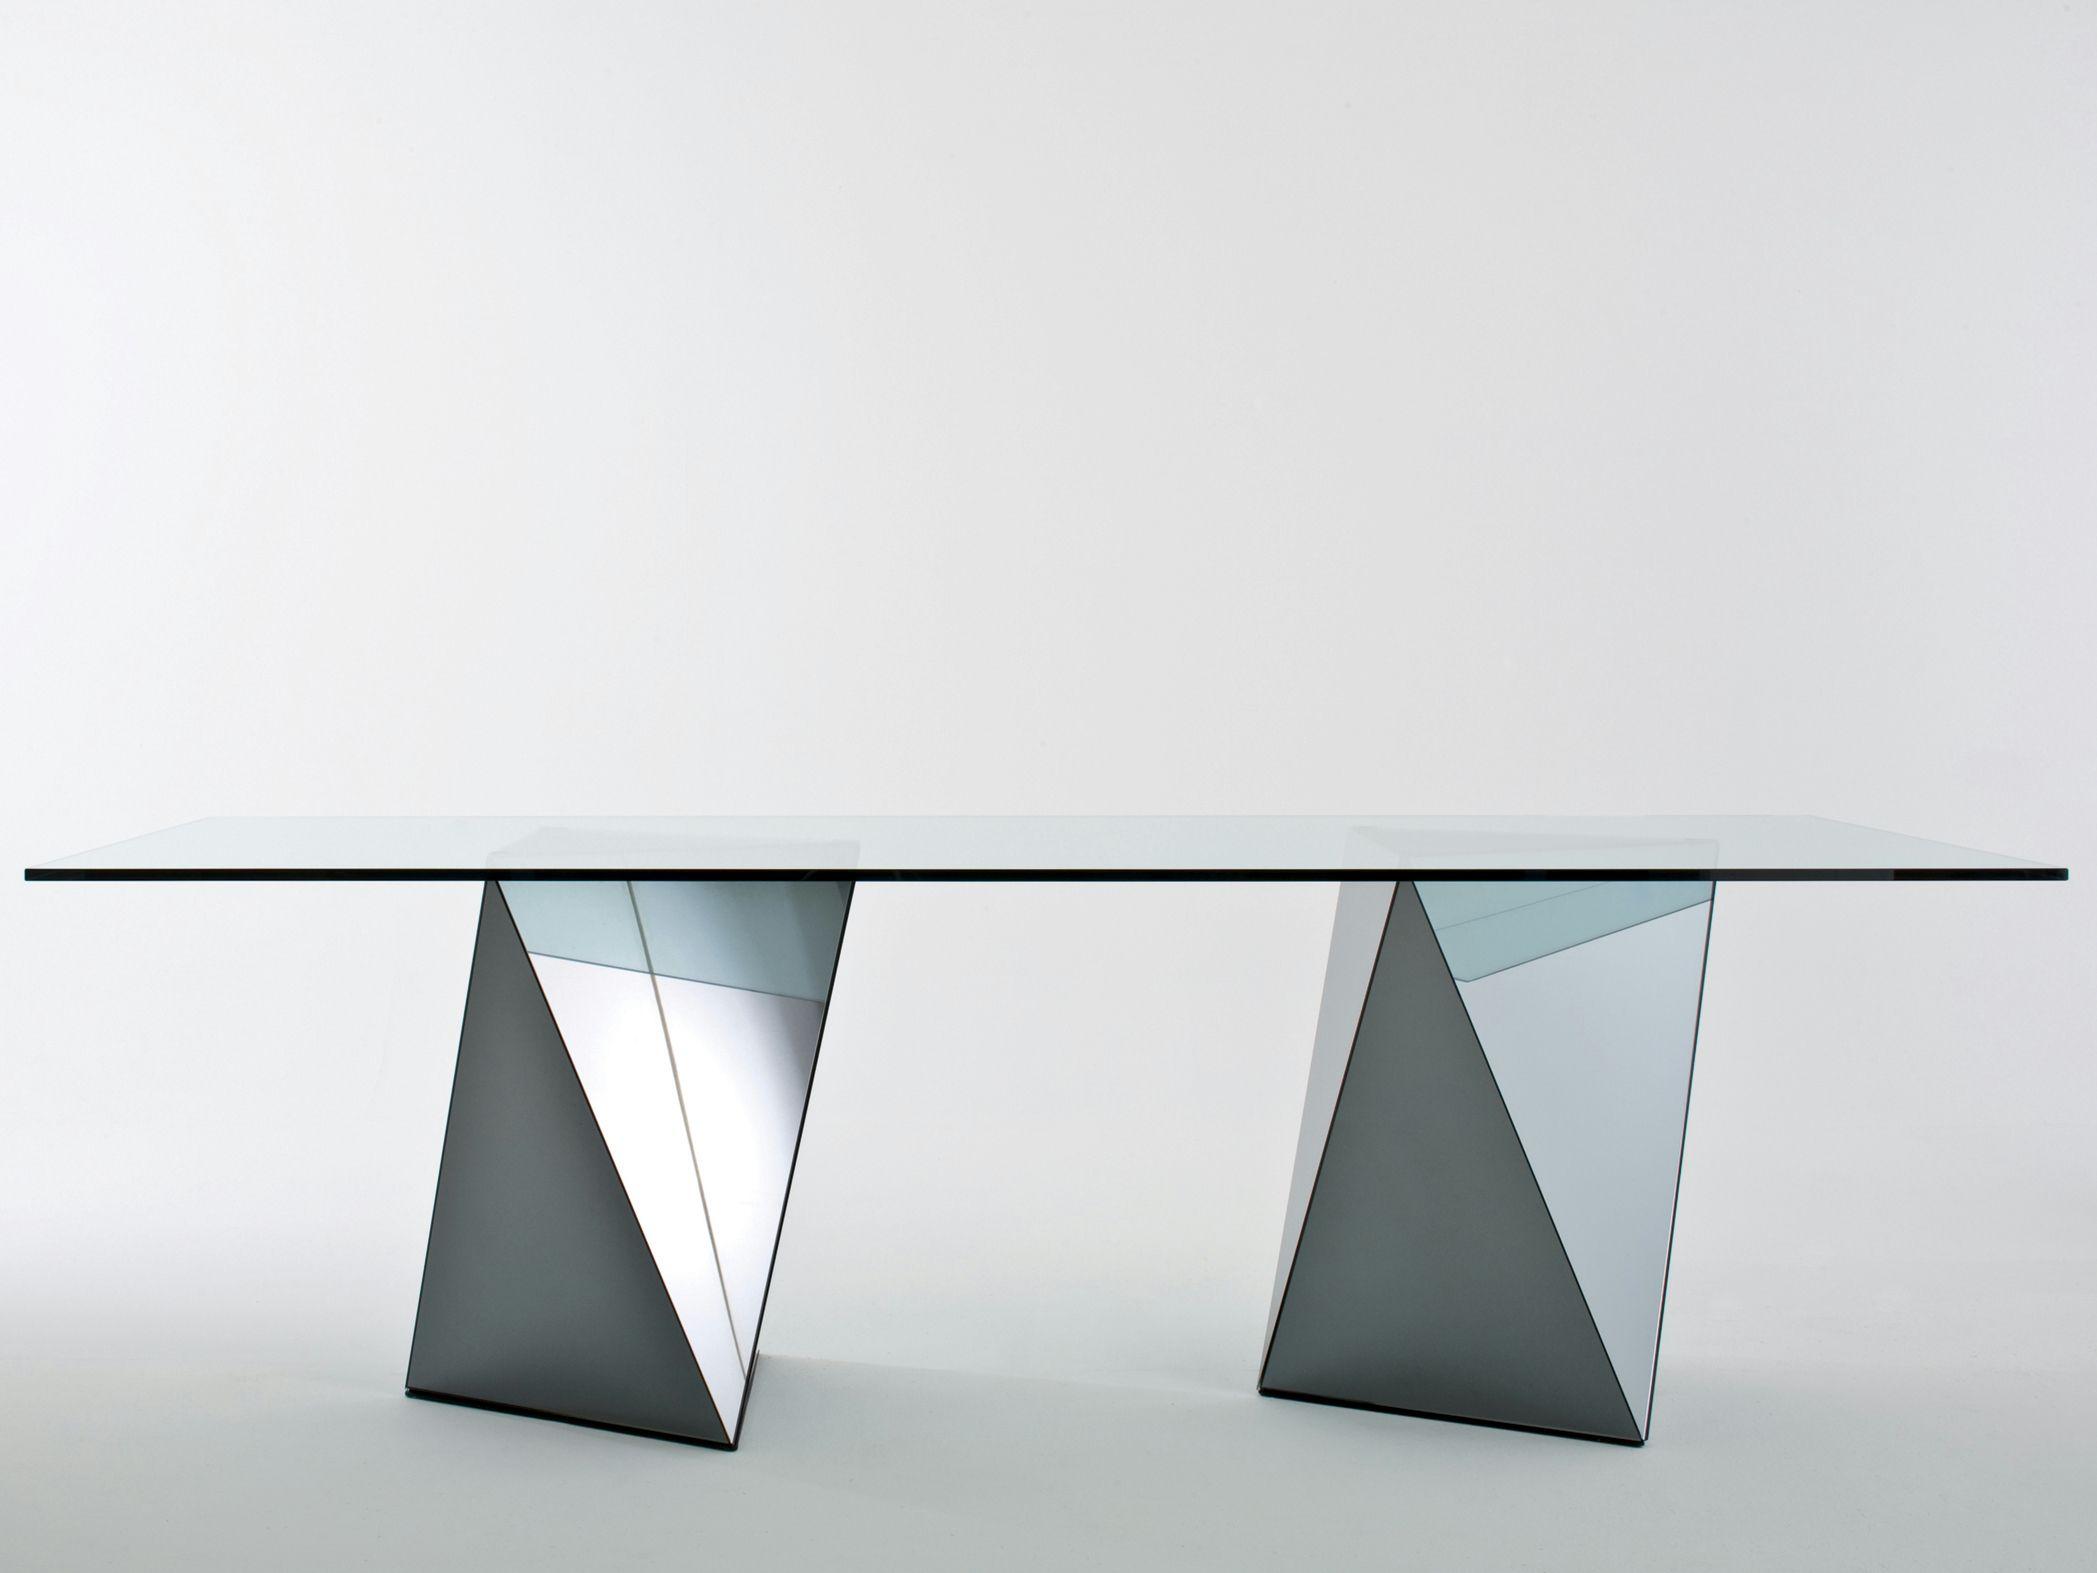 Tavolo rettangolare in cristallo yan by gallotti radice - Gallotti e radice tavoli ...